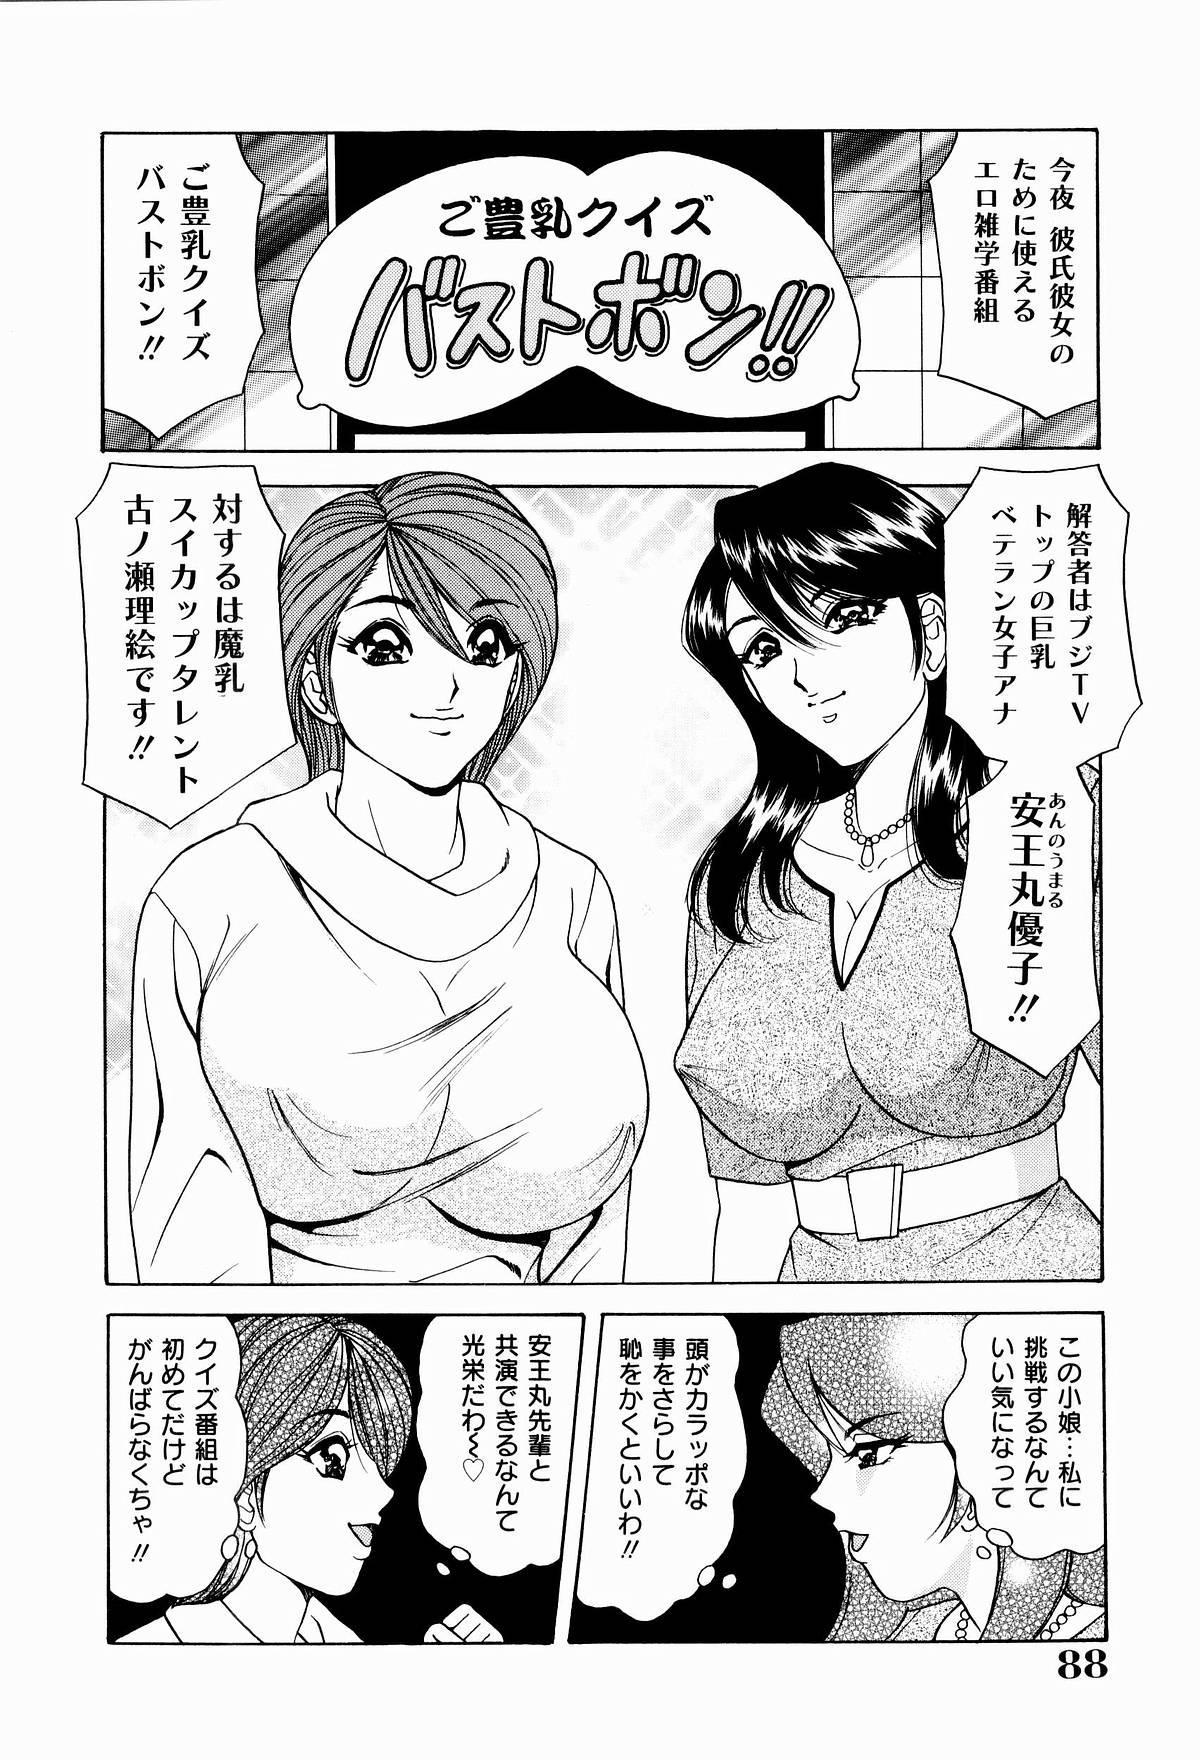 Kyonyuu Ana Konose Rie Suikappu Kiki Ippatsu 89